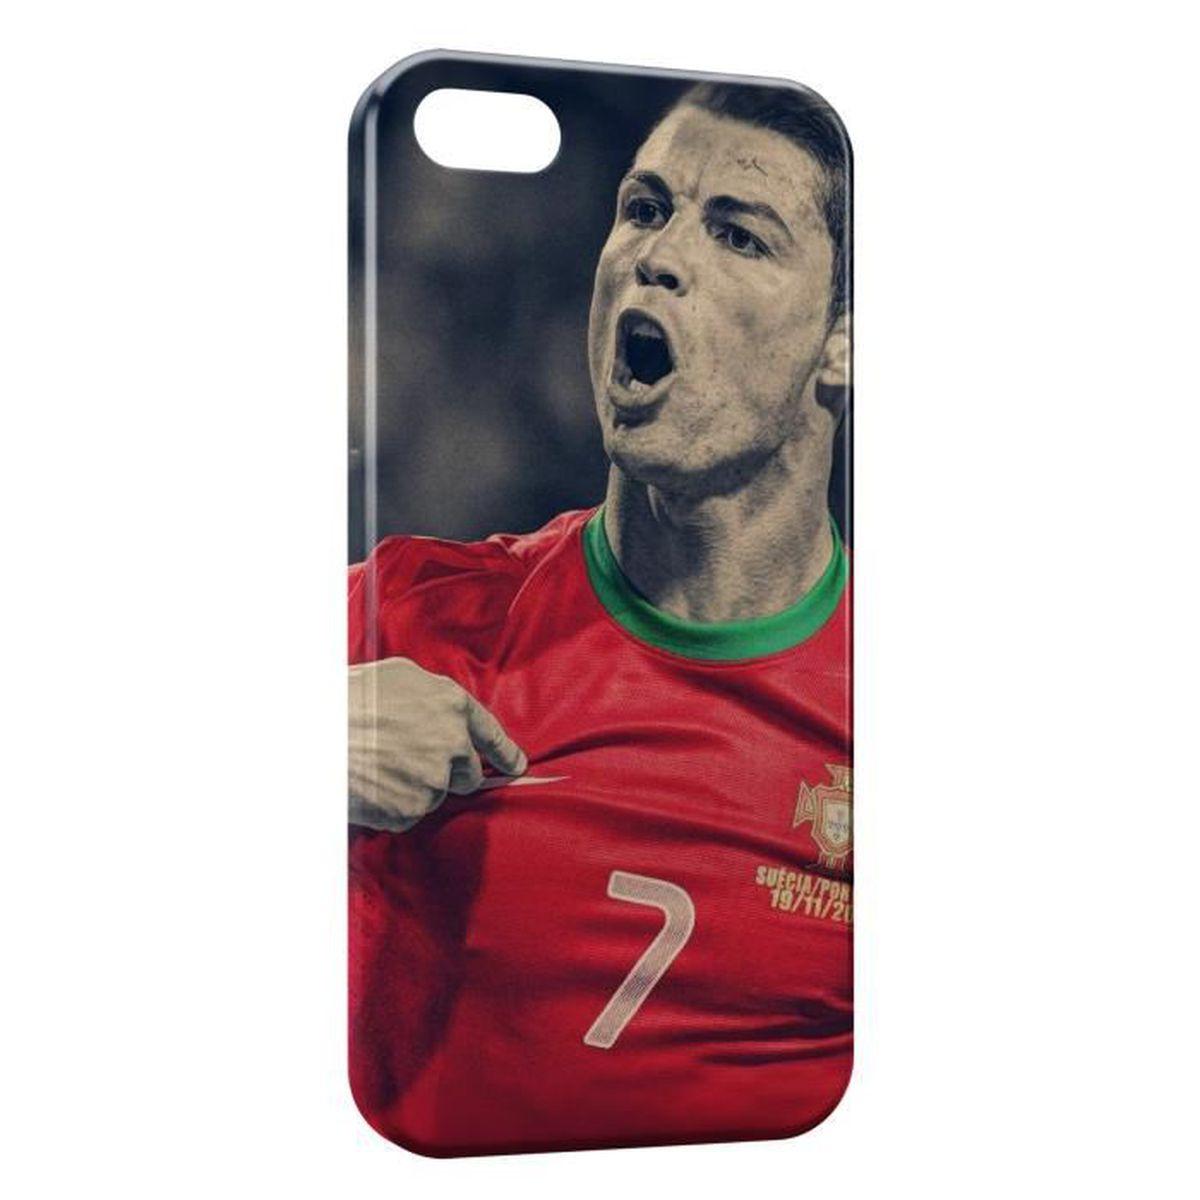 coque silicone iphone 4 ronaldo